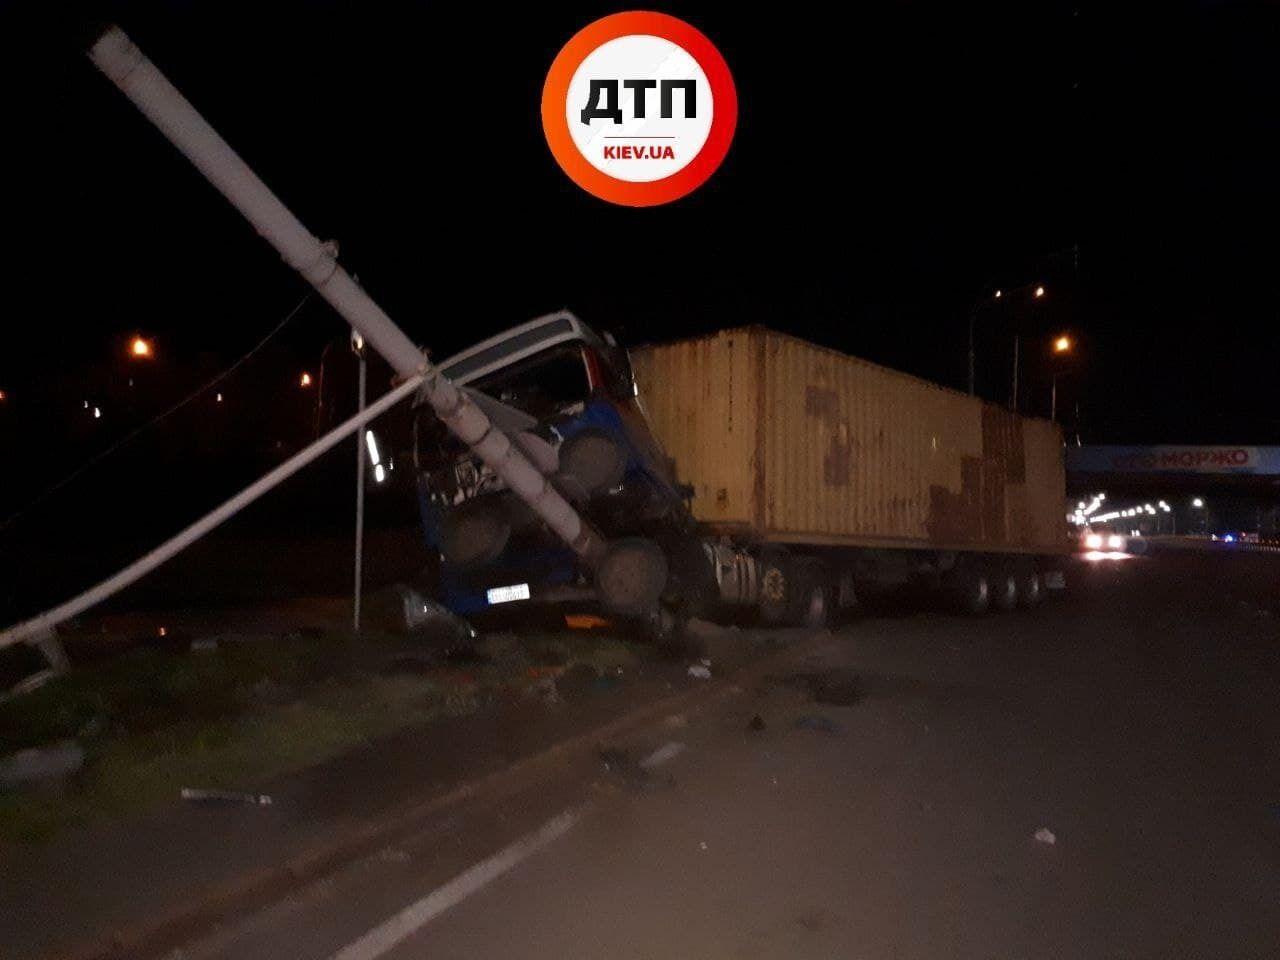 Якобы, водитель отвлекся во время движения авто.